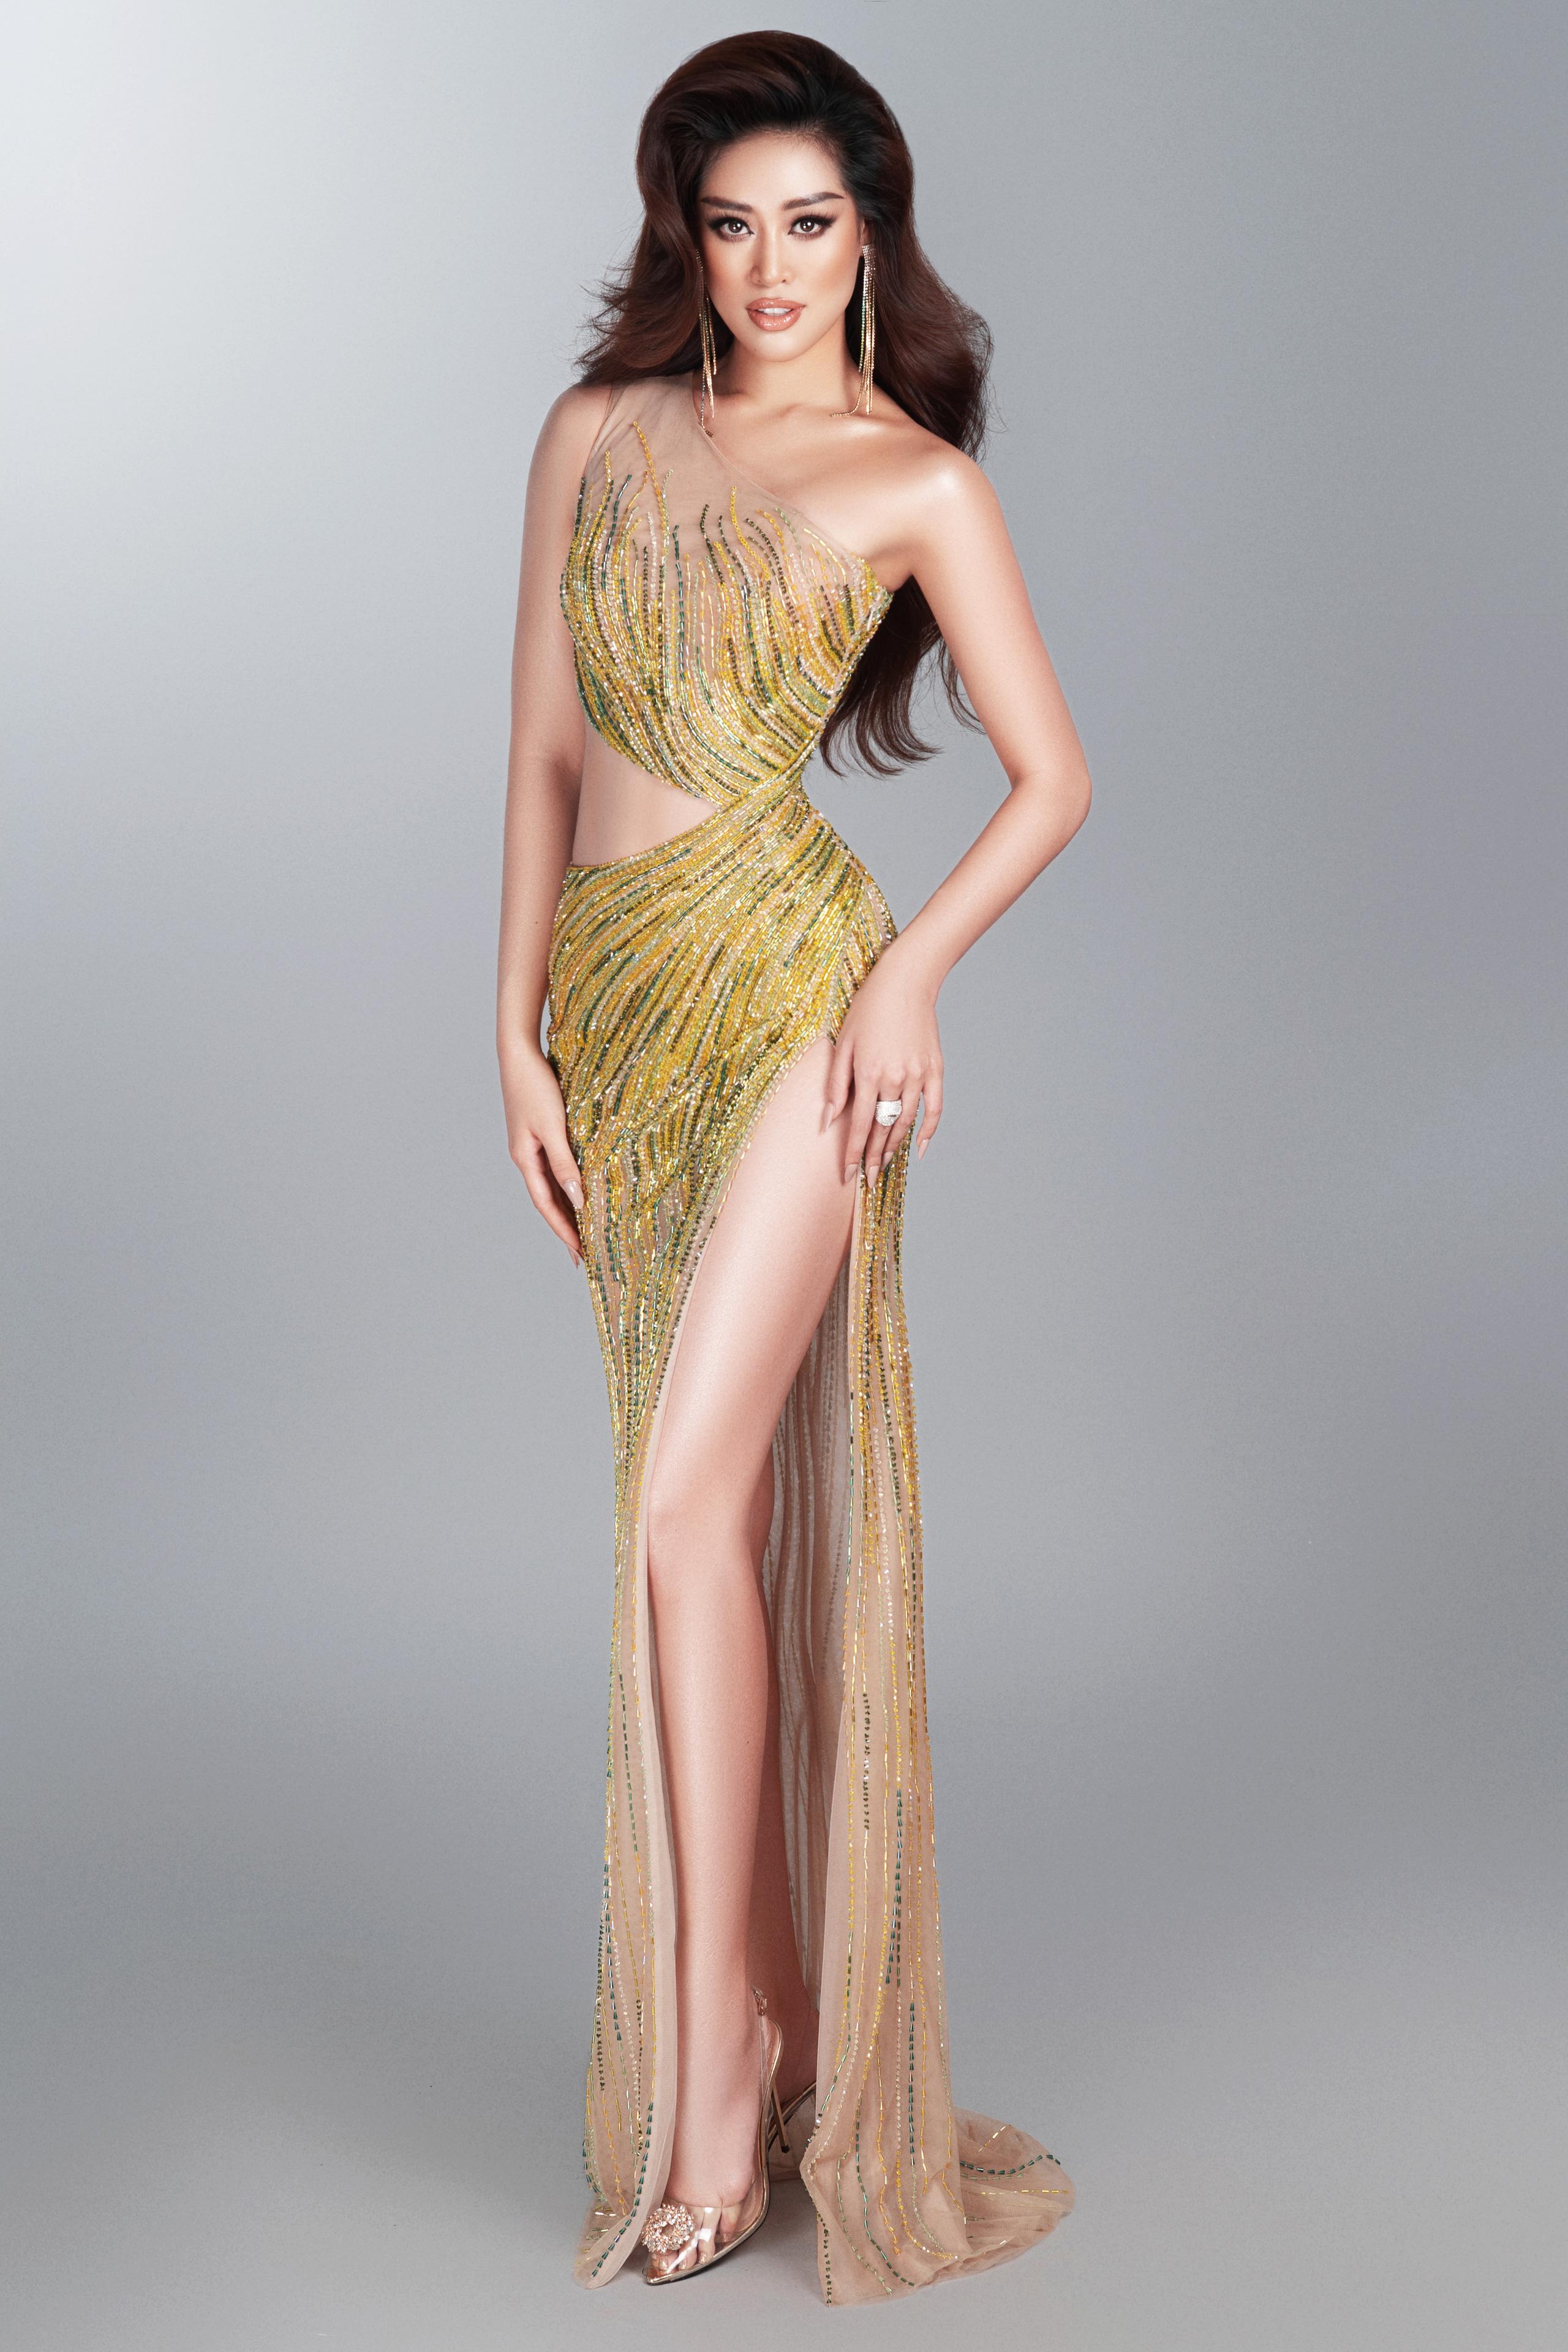 Khánh Vân hé lộ trang phục dạ hội nóng bỏng trước thềm bán kết Miss Universe 2020 - Ảnh 2.